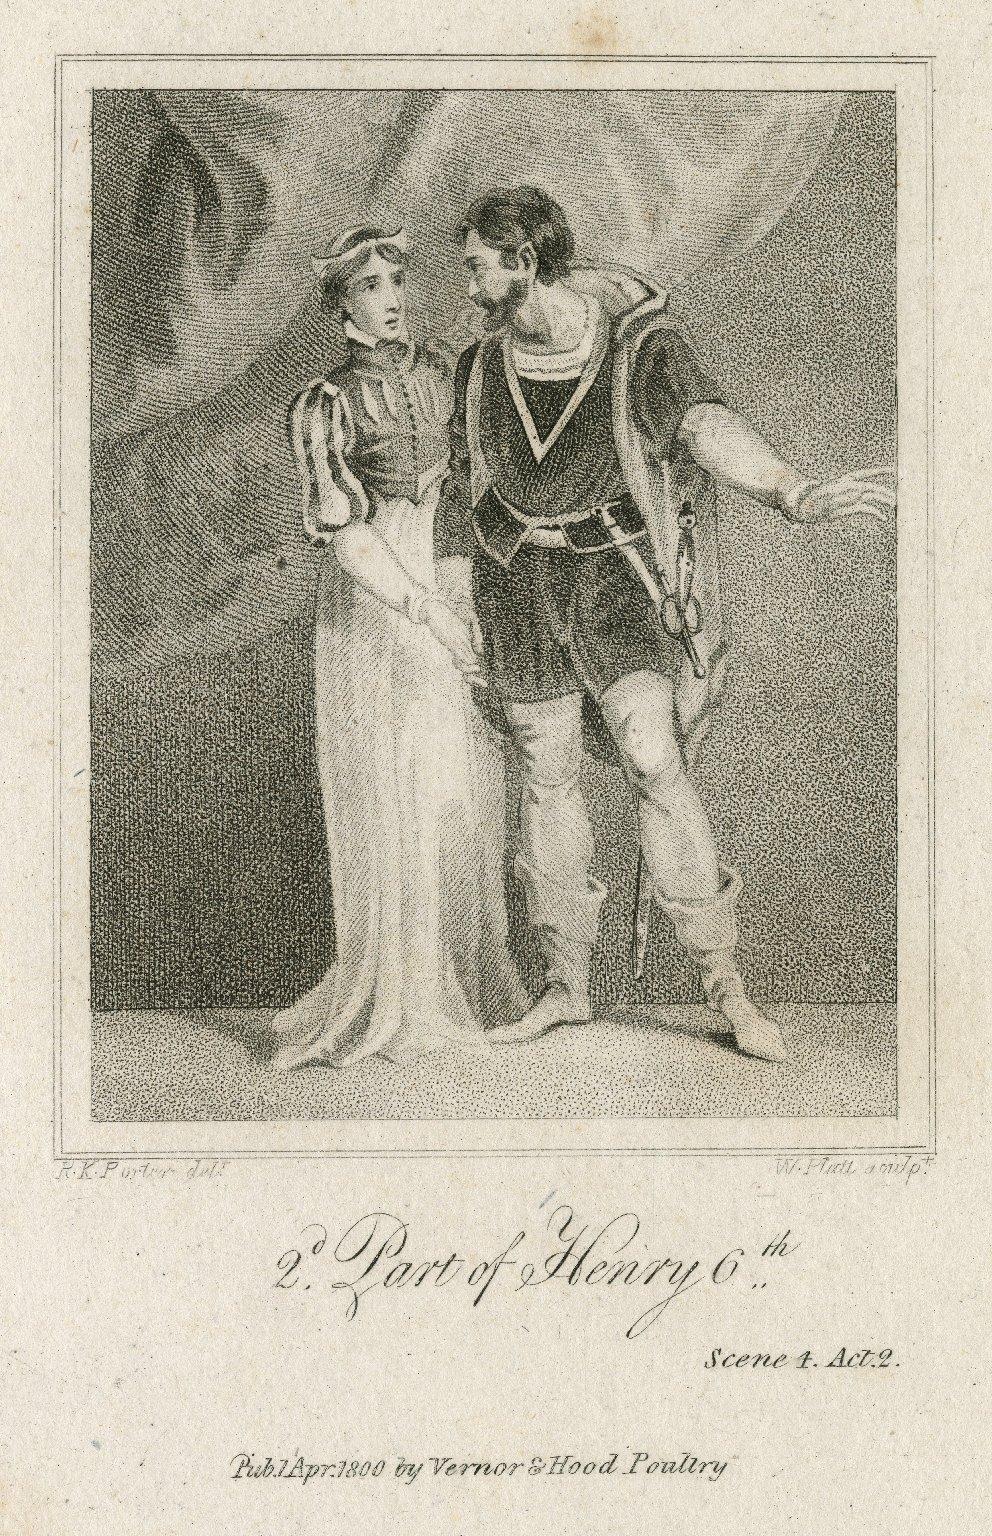 2d. part of Henry 6th, scene 4, act 2 [i.e. act III, scene 2] [graphic] / R.K. Porter, delt. ; W. Platt, sculpt.